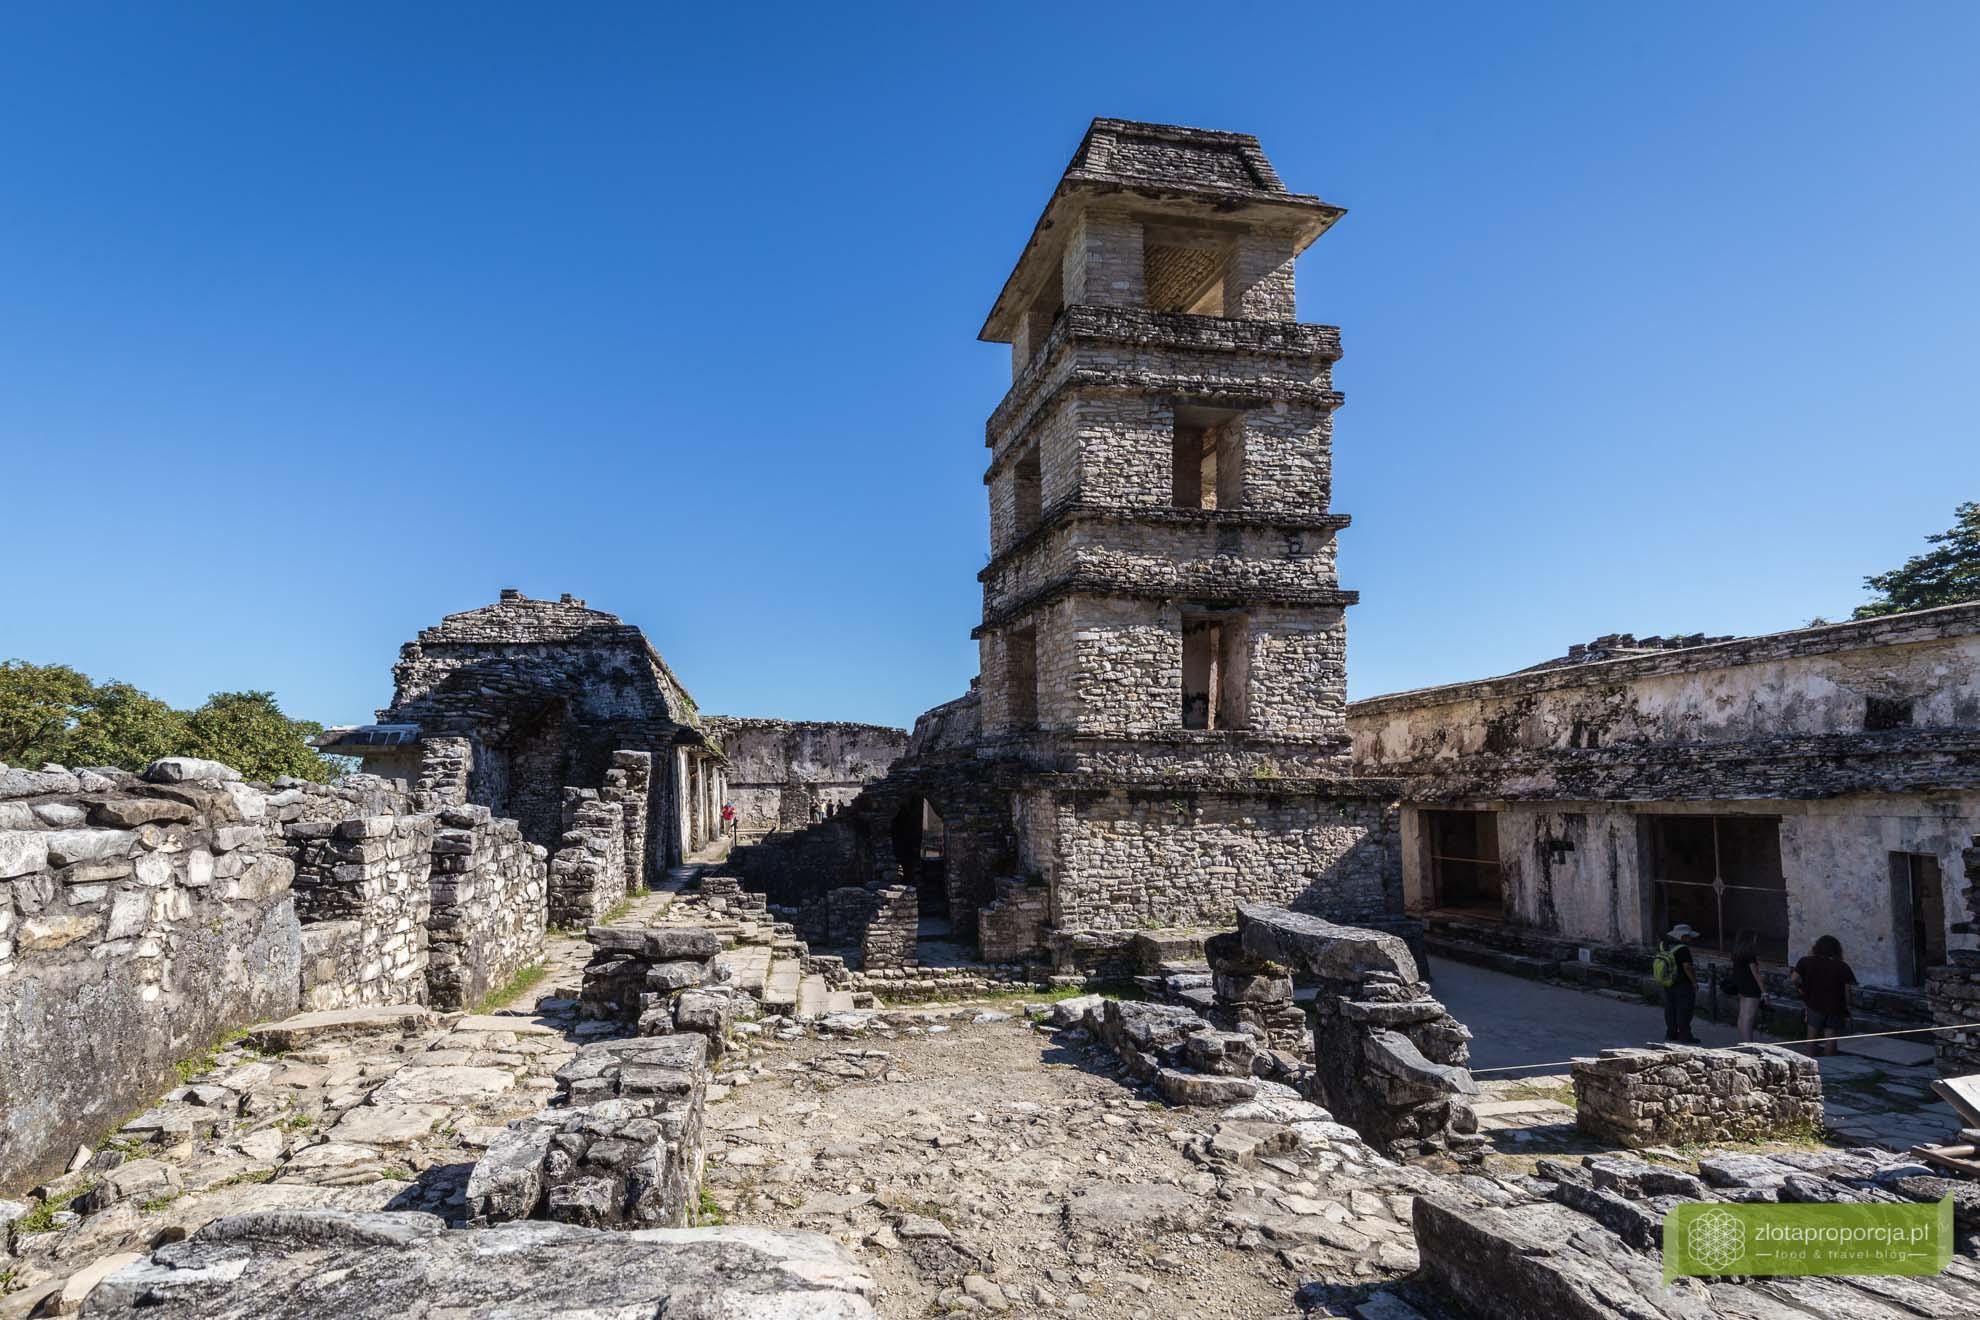 Meksyk, Miasta Majów, strefy archeologiczne na Jukatanie; Majowie budowle, Miasta Majów Meksyk, Majowie osiągnięcia; Palenque, Miasta Majów Chiapas, Chiapas; El Castillo